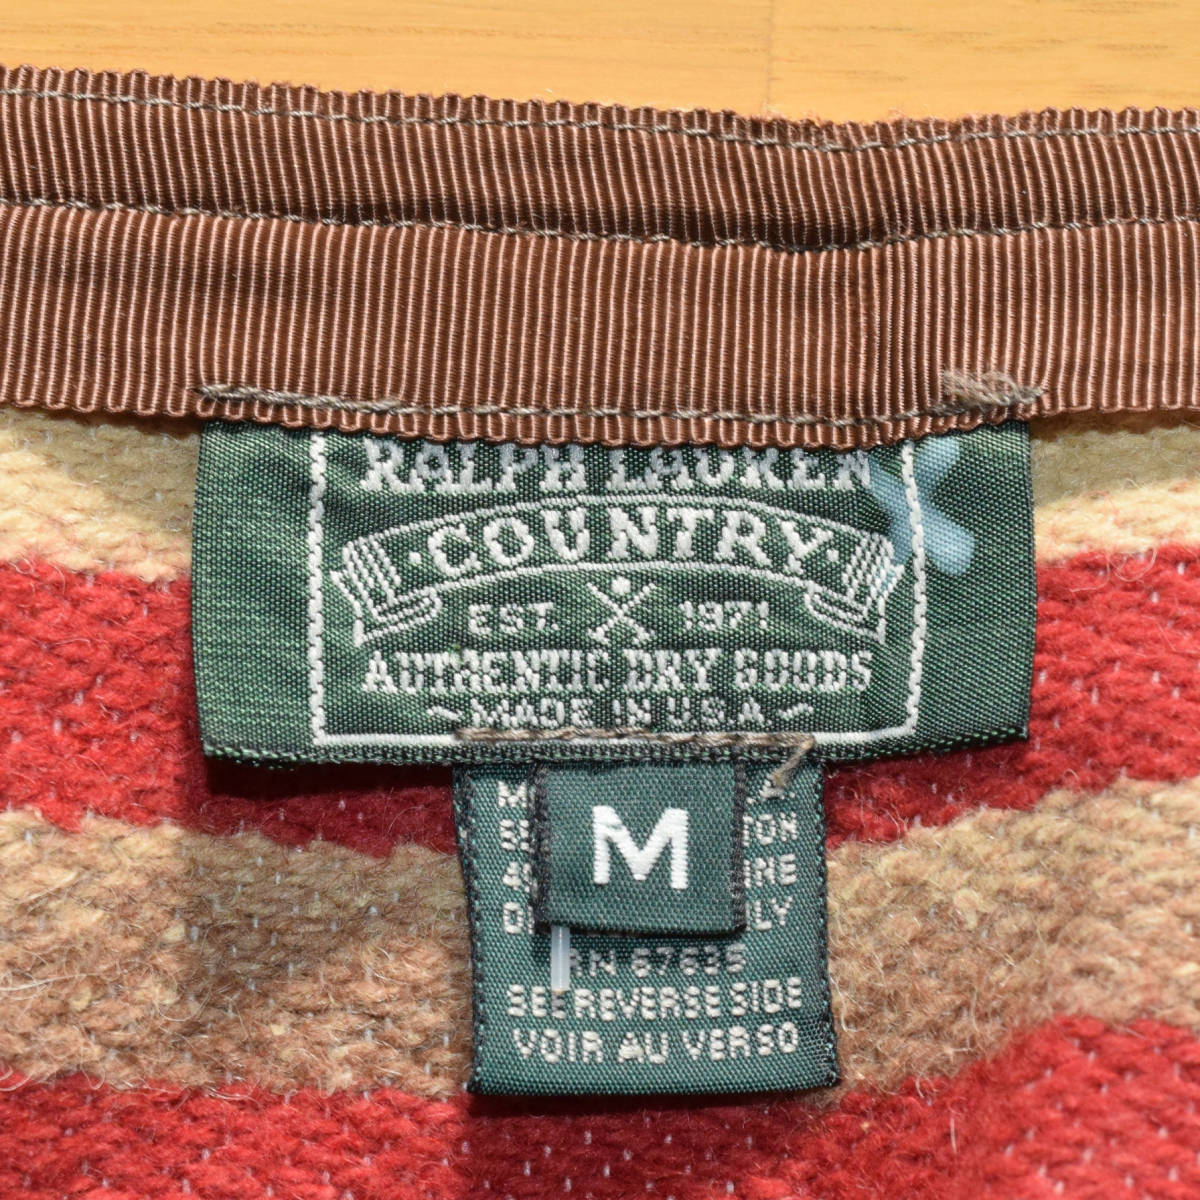 美品!USA製 ポロカントリー ネイティブ柄 ブランケット M ラグ ロング 巻きスカート コンチョ付 古着 ナバホ インディアン ビンテージ_画像10